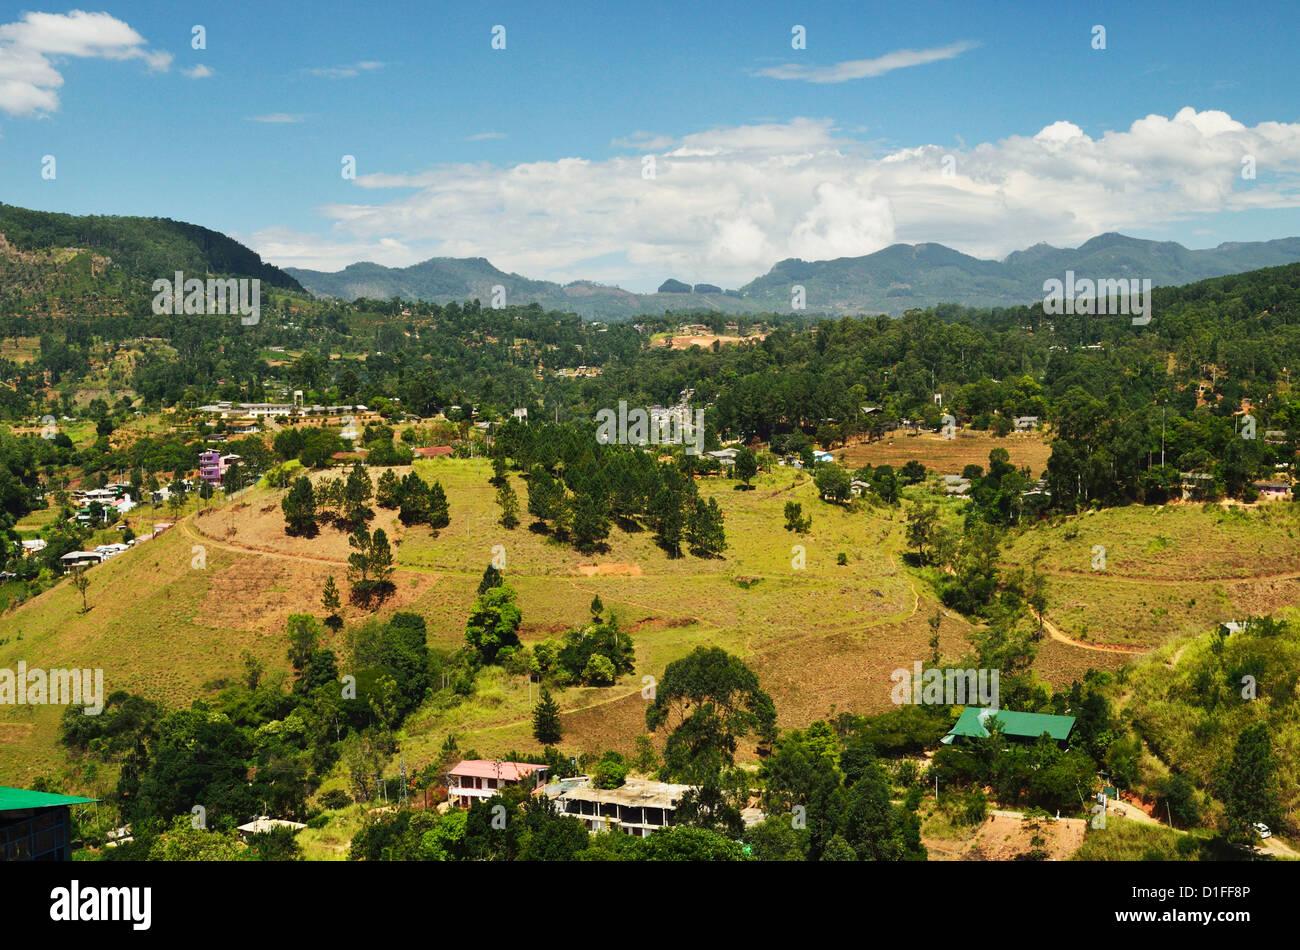 Hautes terres centrales, au Sri Lanka, en Asie Photo Stock